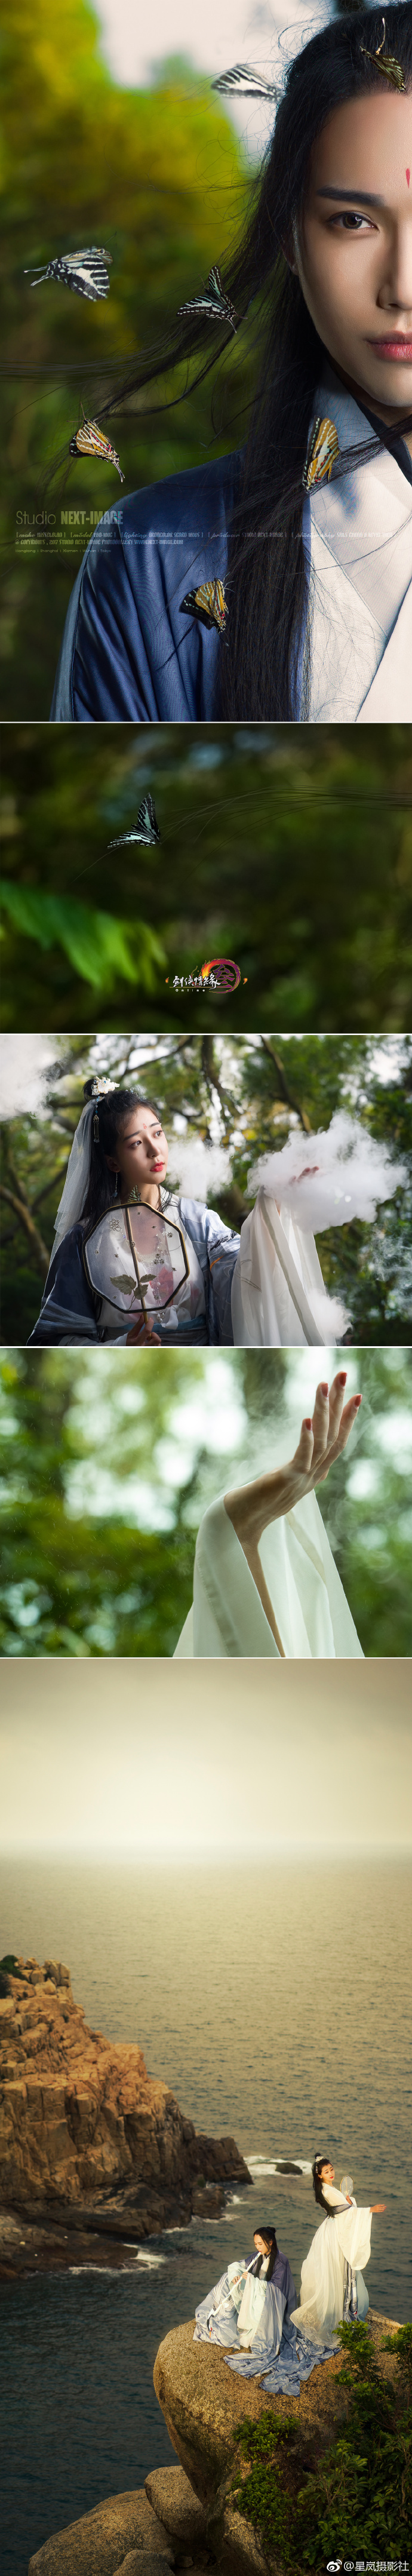 星岚摄影社 \'s Weibo_Weibo | hanfu and cosplay with hanfu | Pinterest